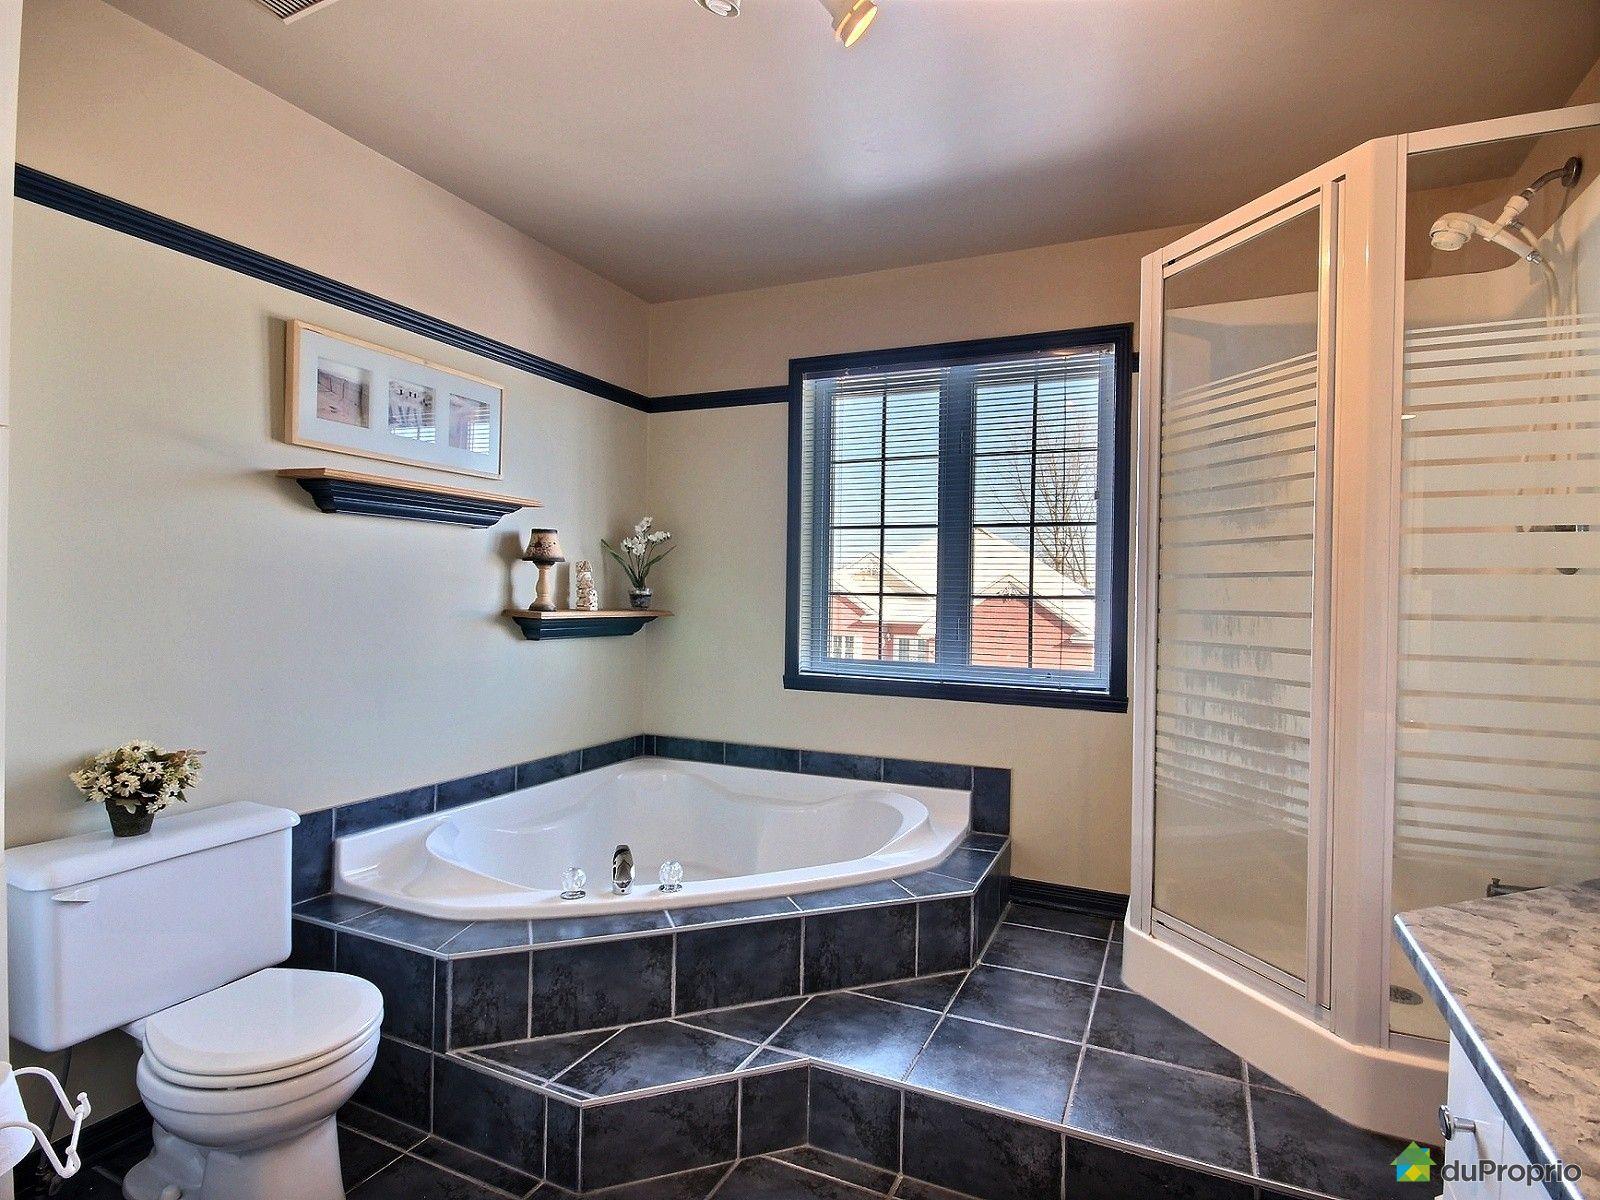 Maison vendre st eustache 842 rue cl ment immobilier for Salle de bain 25 st eustache